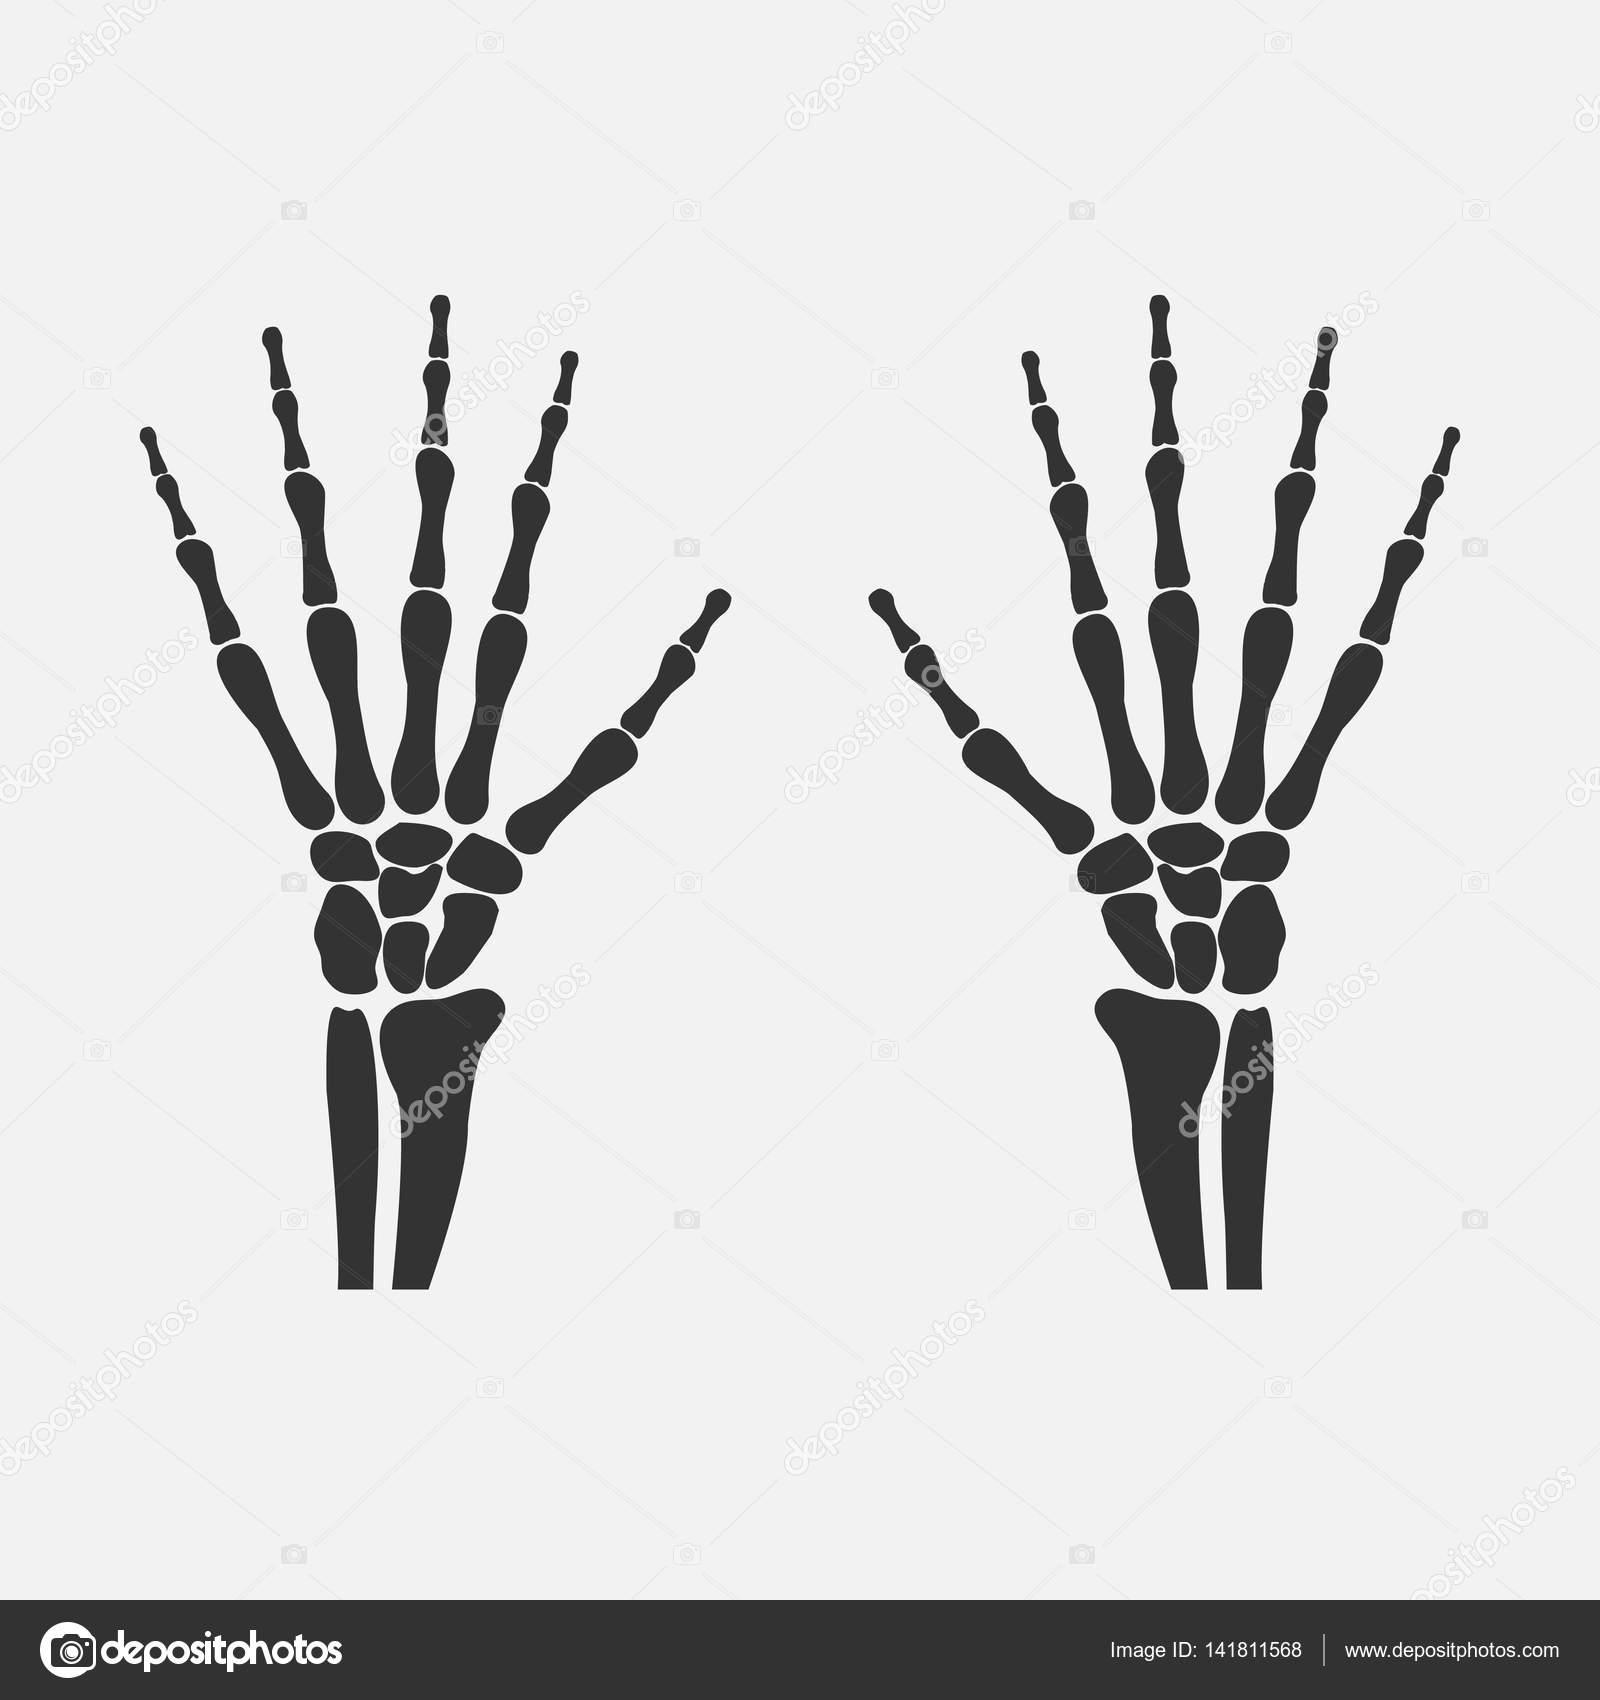 die Hände Handgelenk Knochen — Stockvektor © OleksandrMalysh #141811568